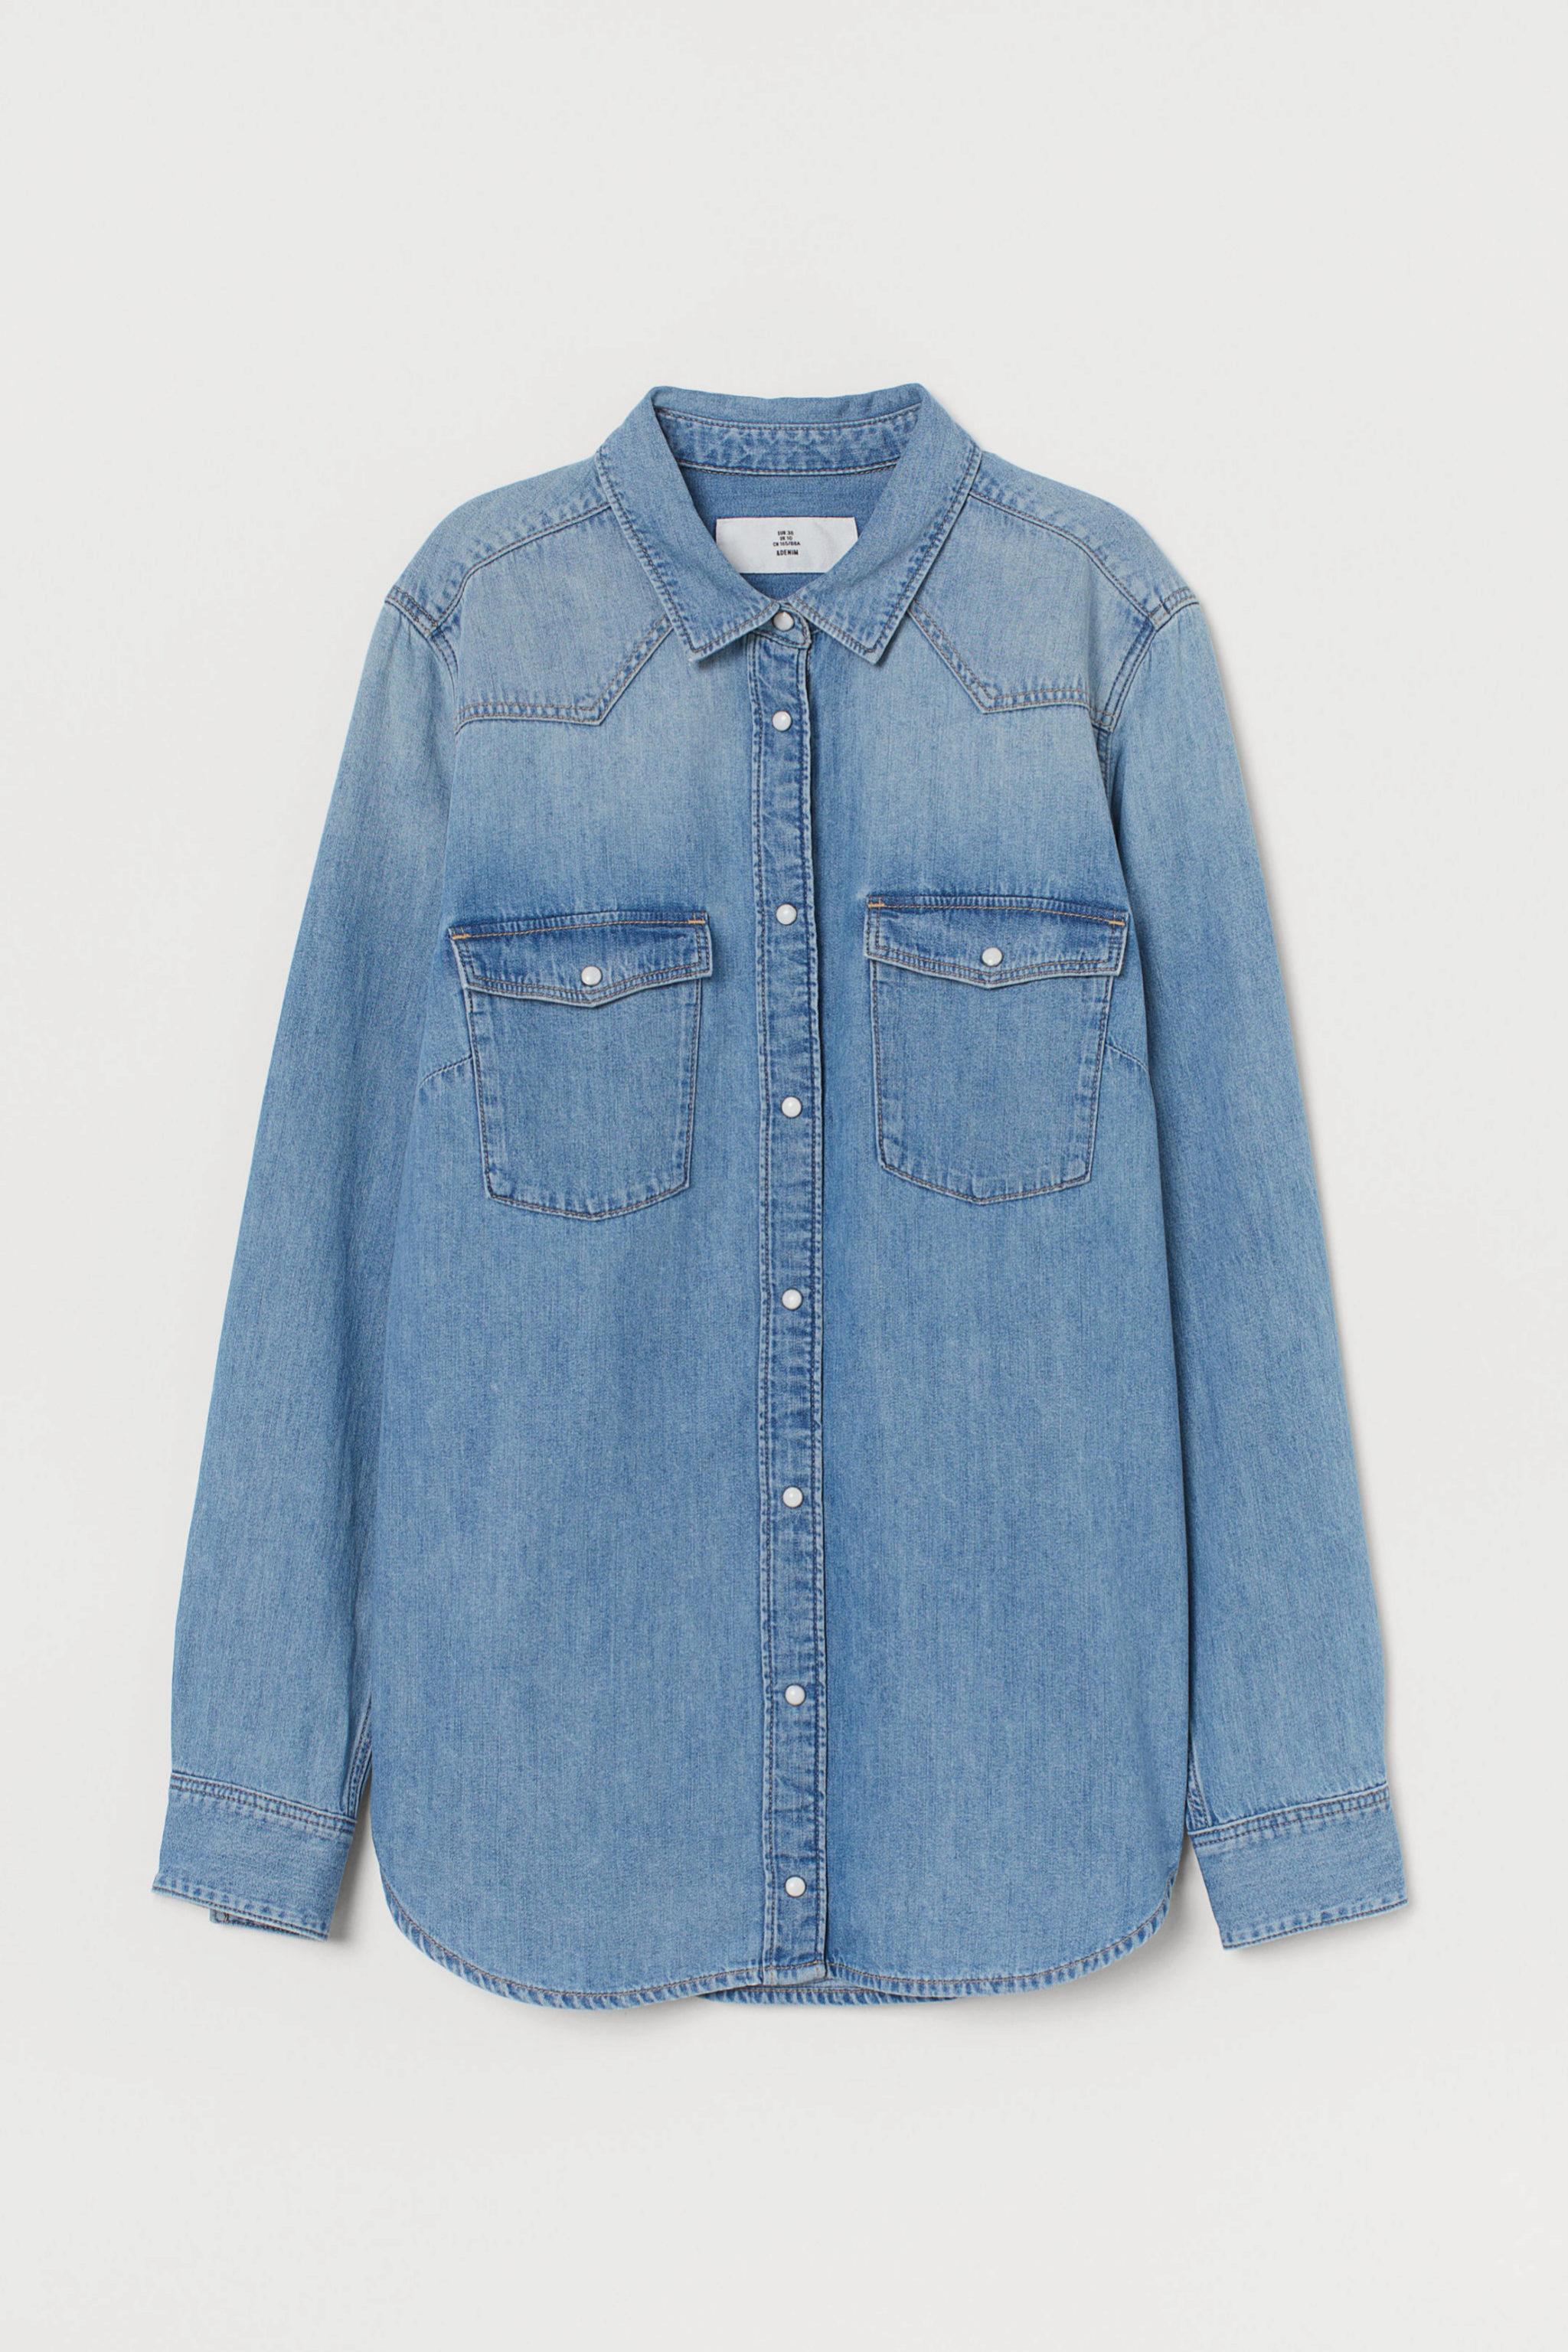 Camisa tejana de H&M (24,99¤)